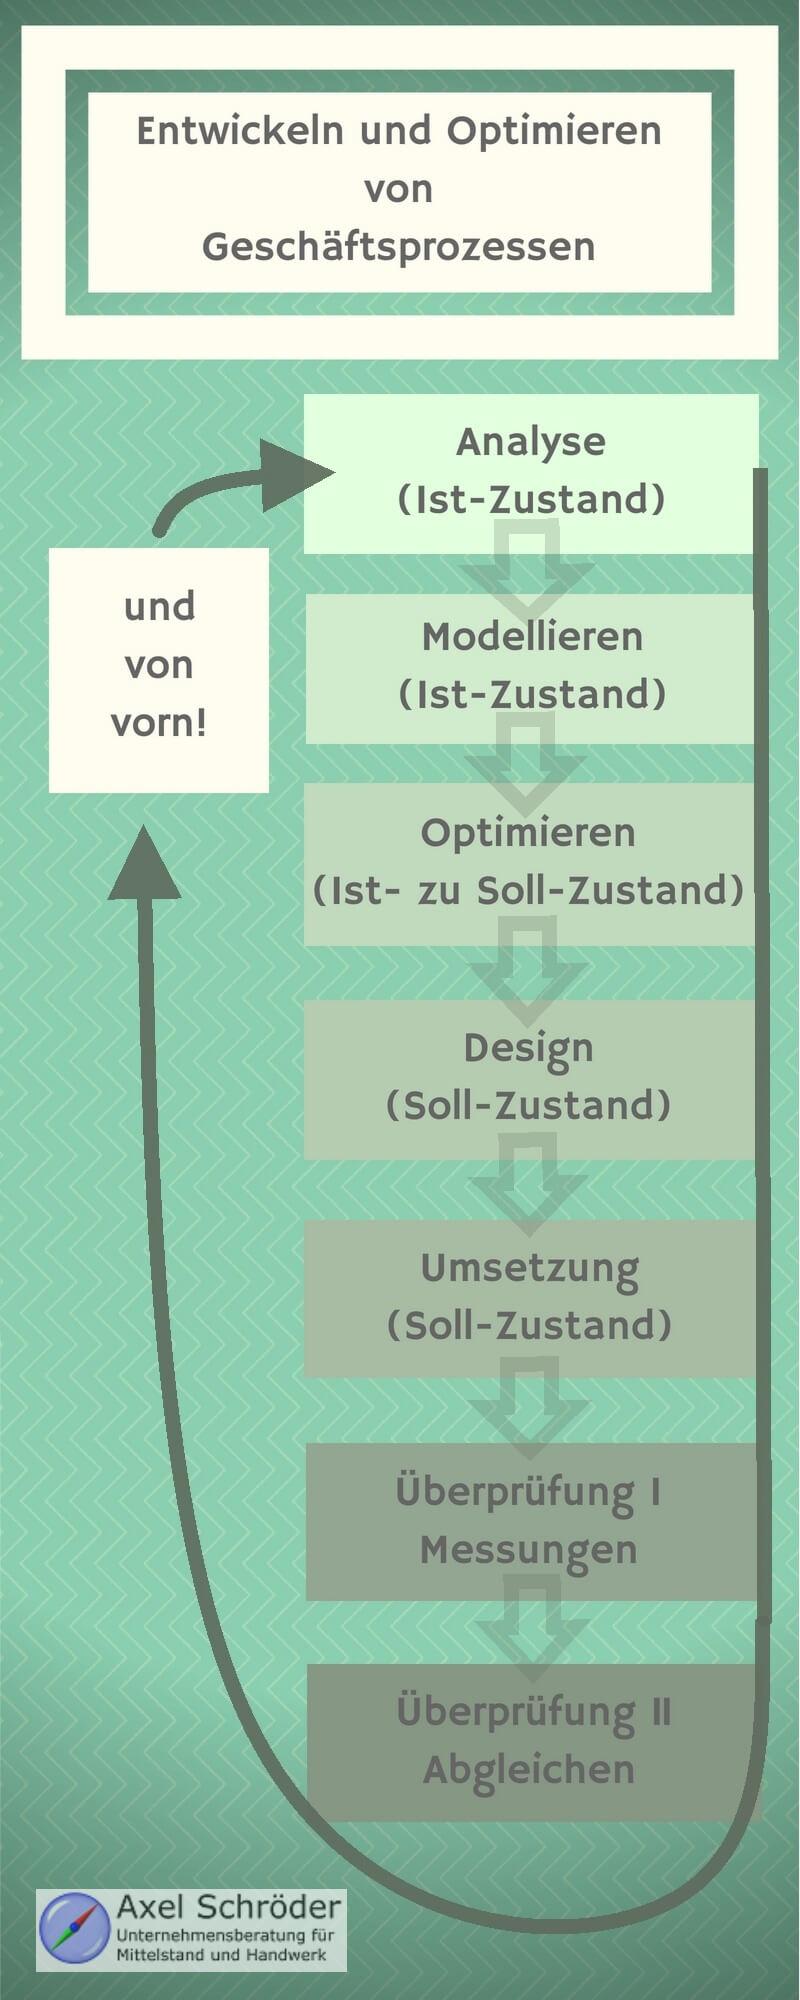 Infografik zum Geschäftsprozess - Entwicklung und Optimieren von Geschäftsprozessen